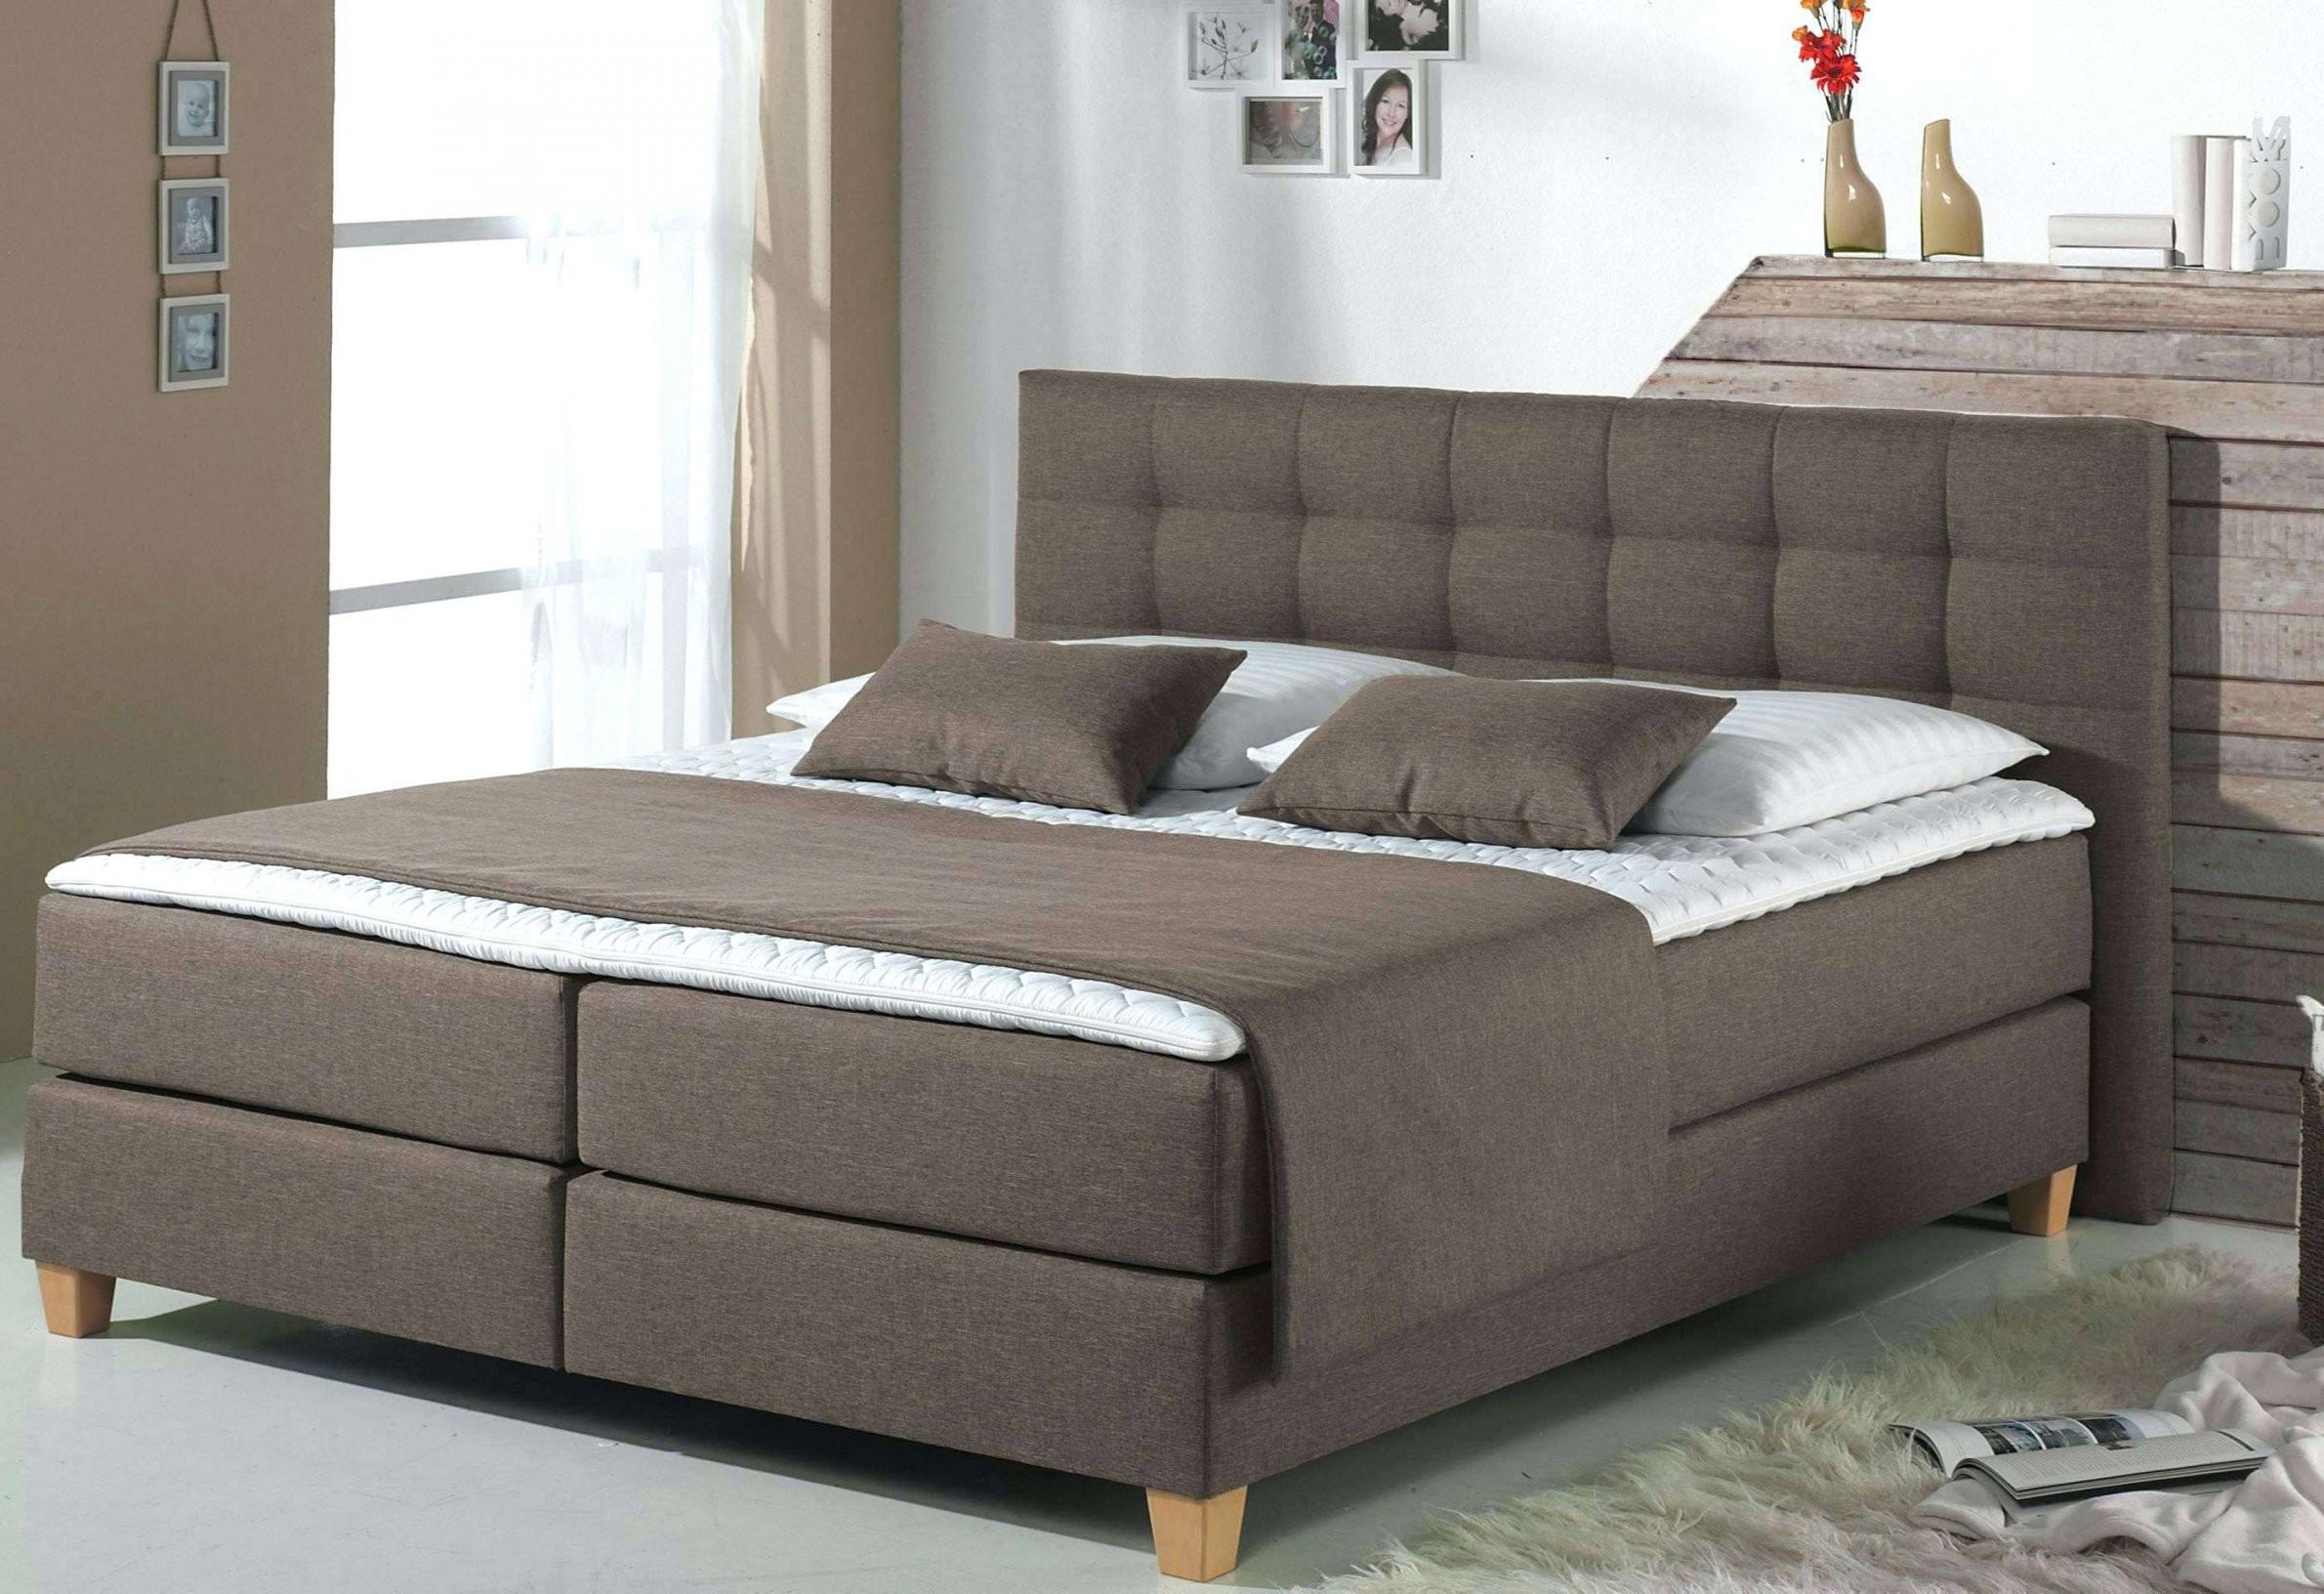 Esposa Boxspringbett Ausgezeichnet Mann Mobilia Bett 200×200 Cm von Boxspringbett 140X200 Baur Bild